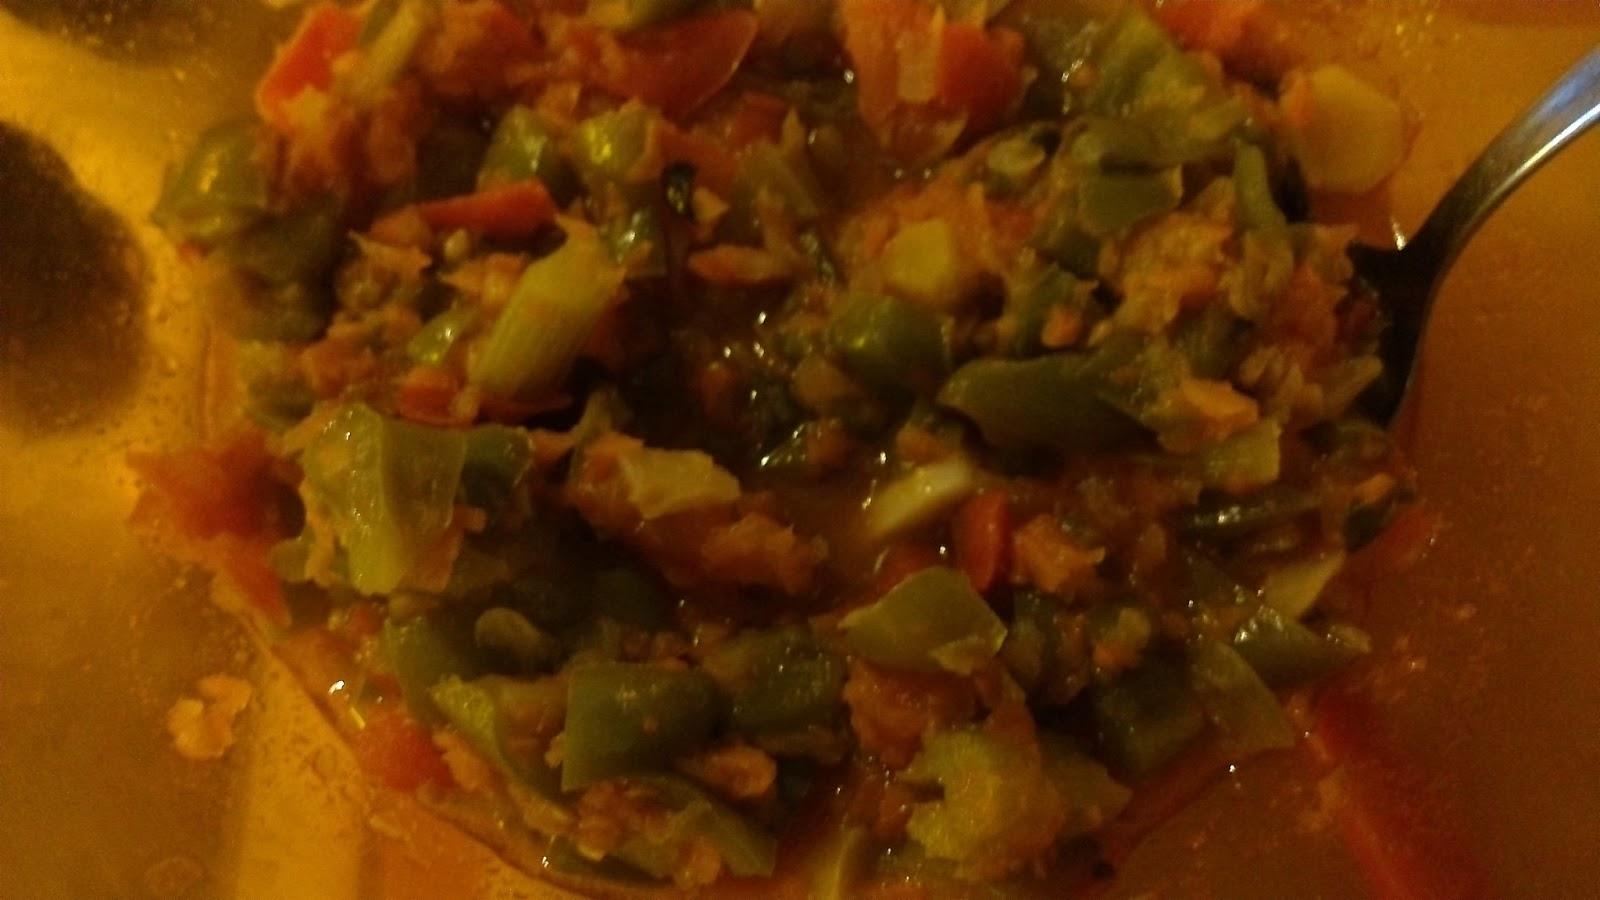 La cucina di gloria la peperonata - Cucina gloria mercatone uno ...